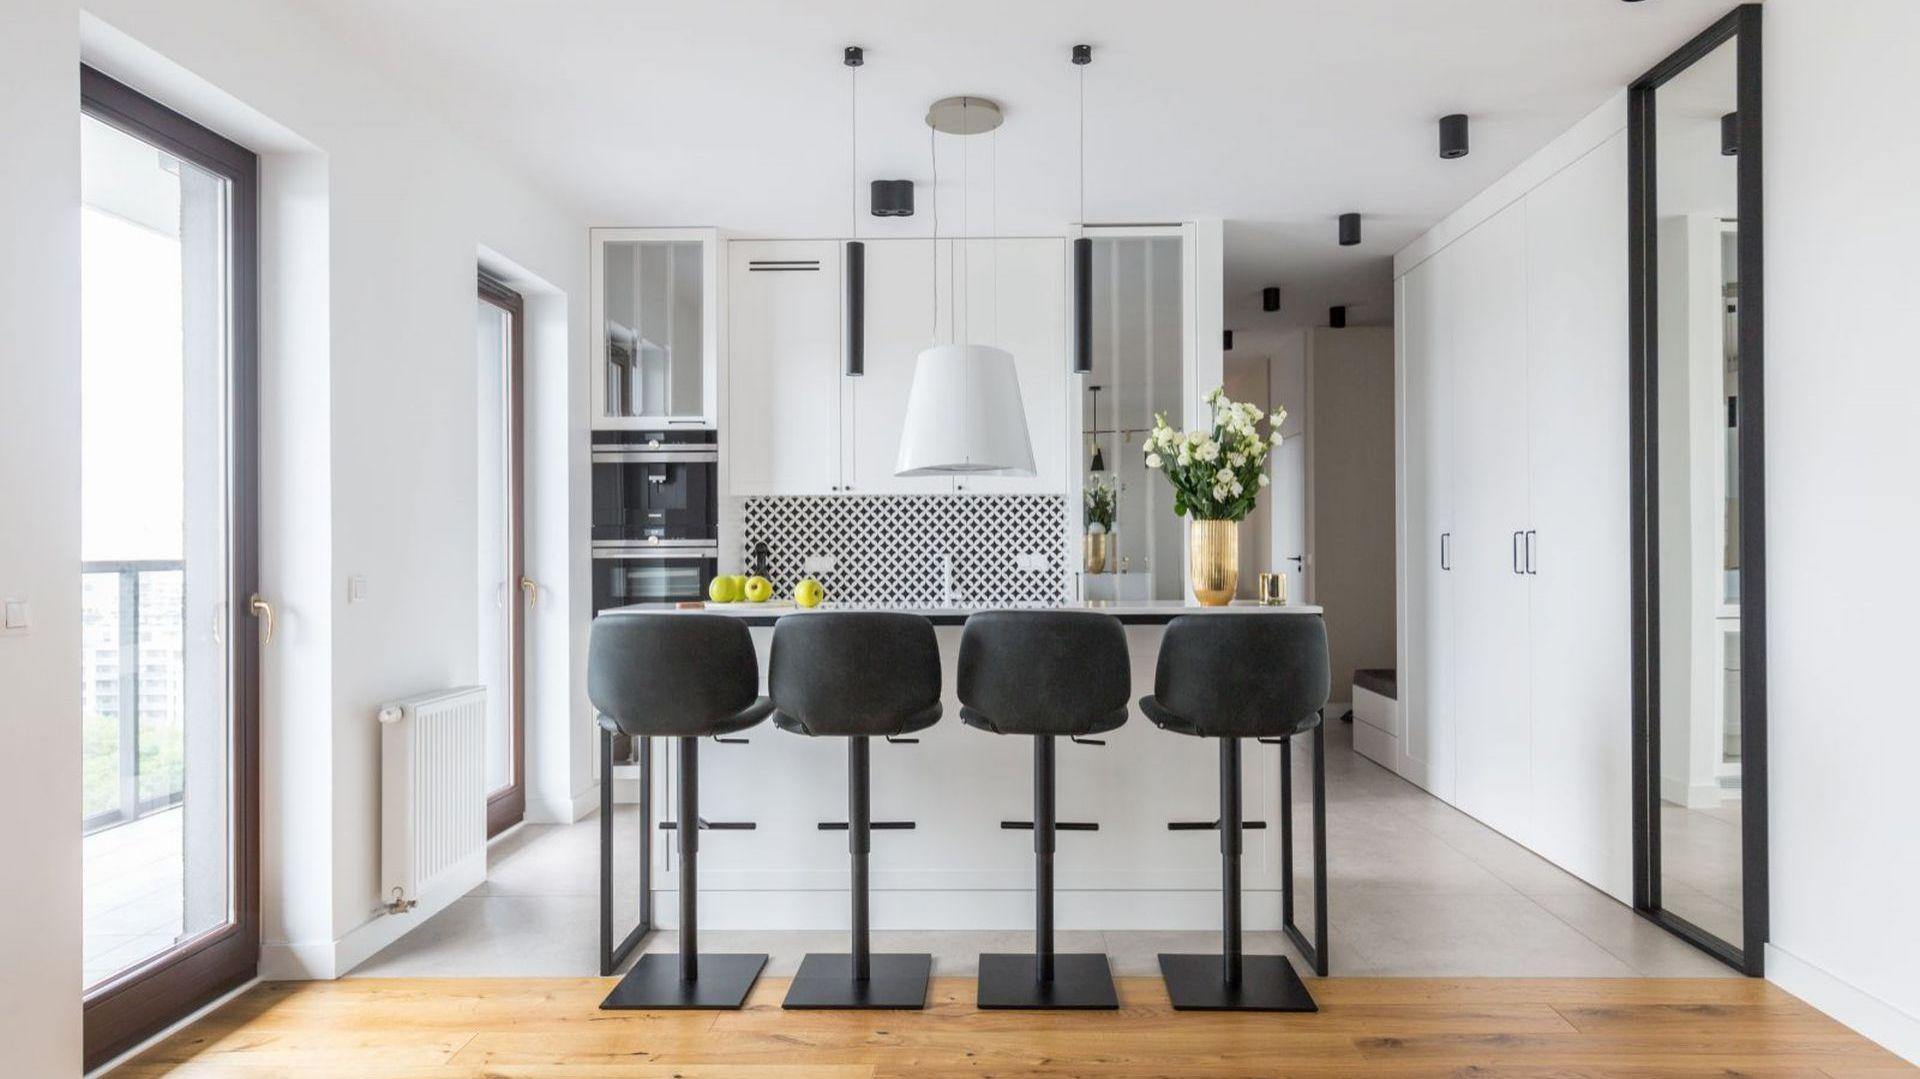 Jasny, przestronny apartament wygląda elegancko, przytulnie i nowocześnie. Mimo stylistycznej mieszanki wystrój jest spójny. Projekt i zdjęcia: Decoroom